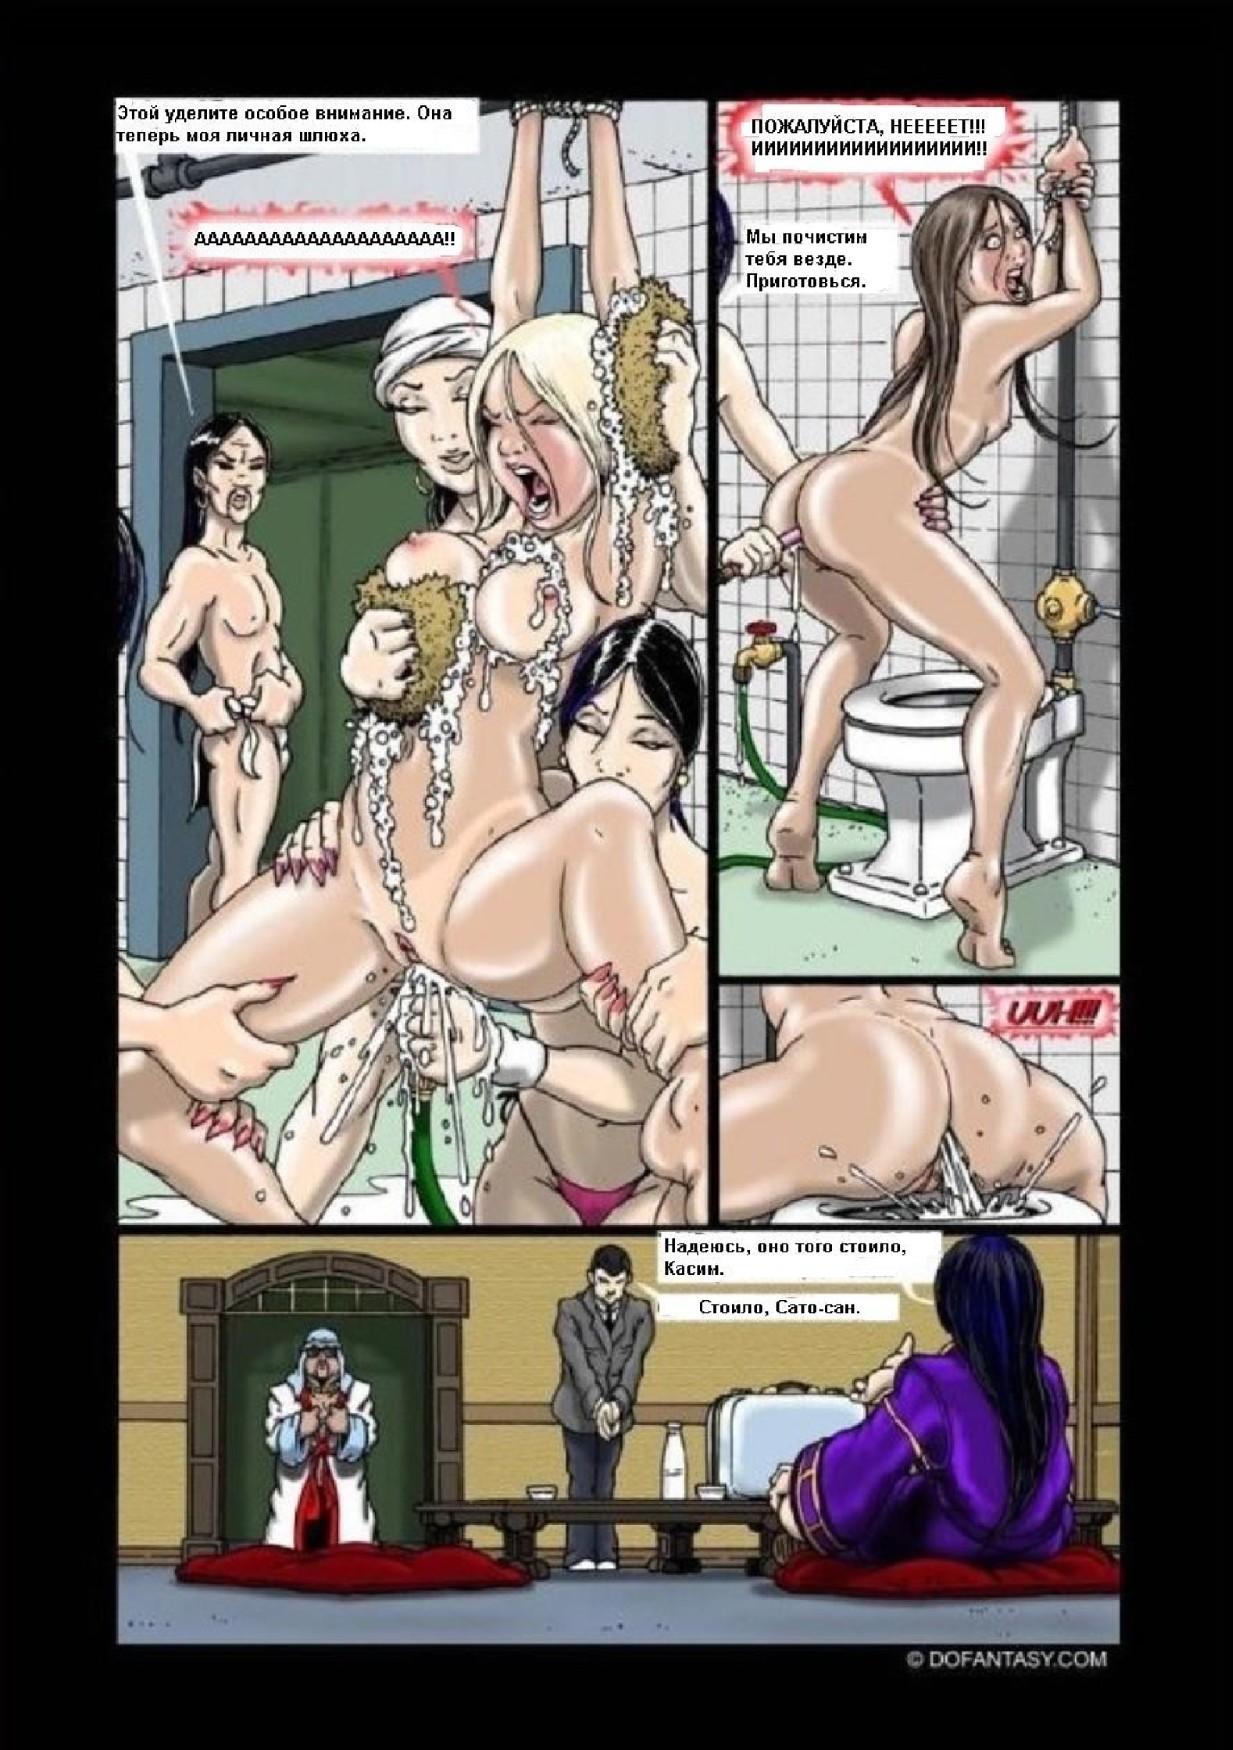 yaponskie-eroticheskie-komiksi